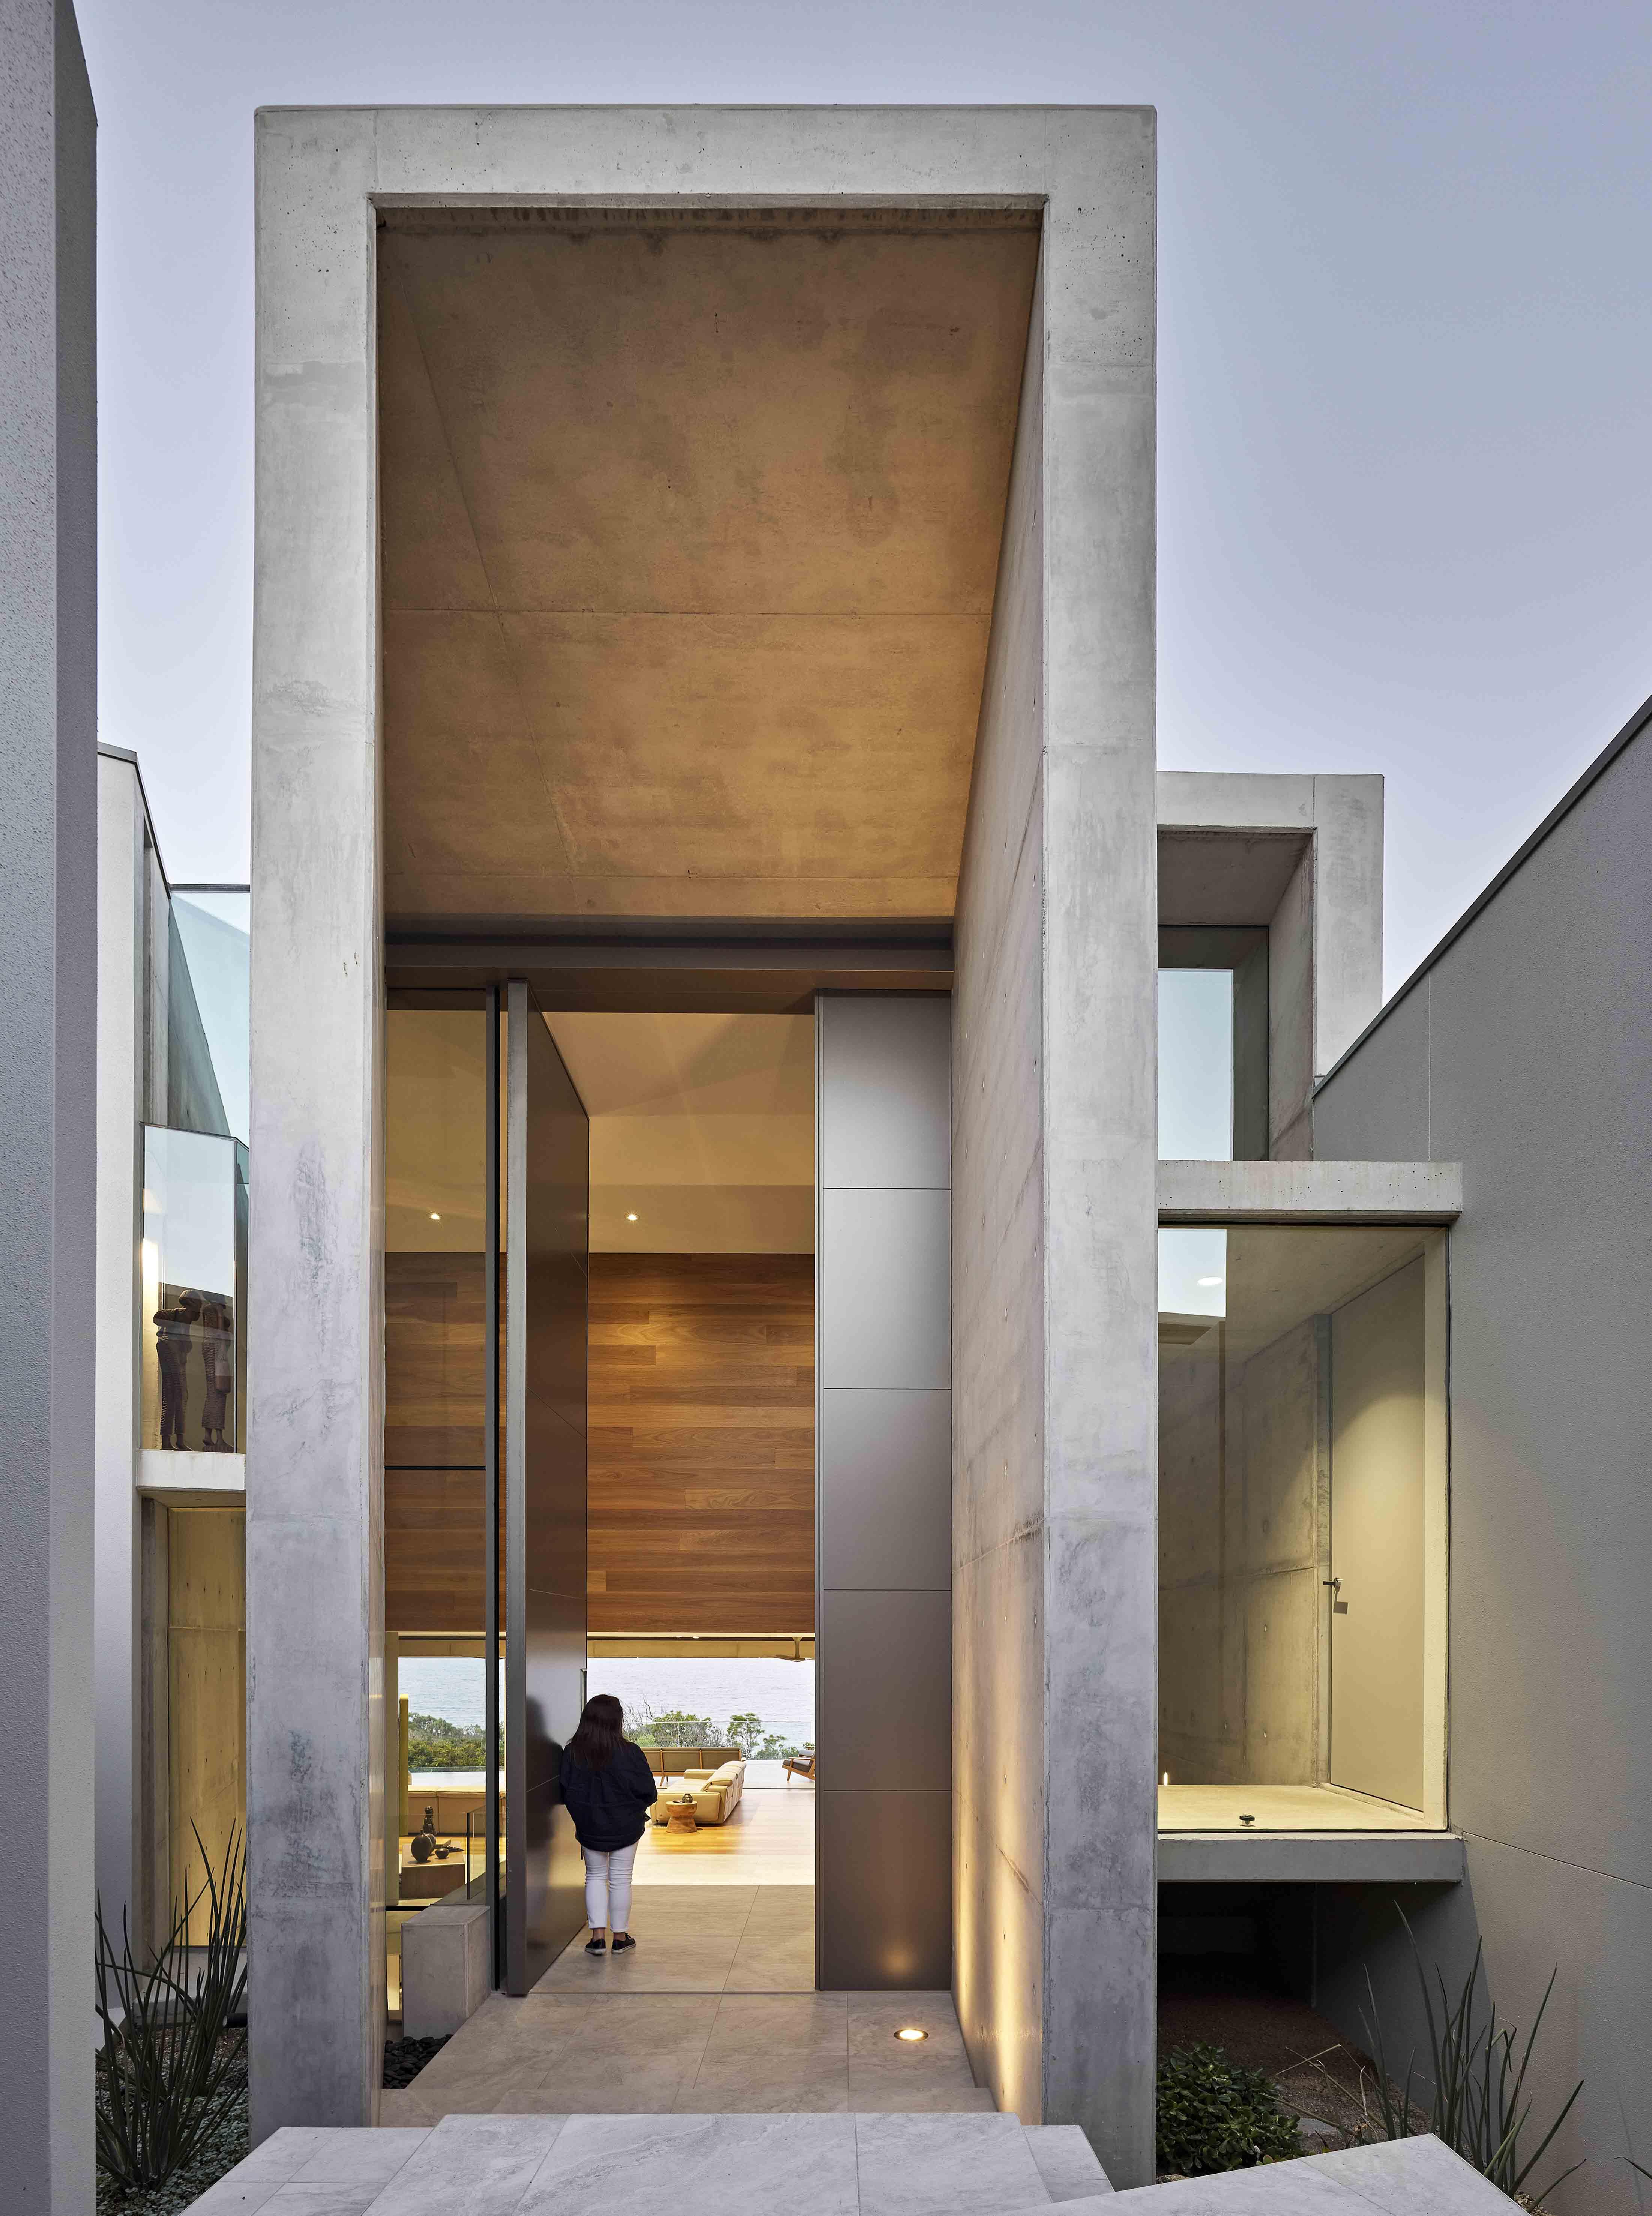 5-meter-tall pivoting entrance door by Gavin Maddock. FritsJurgens System M pivot hinge.